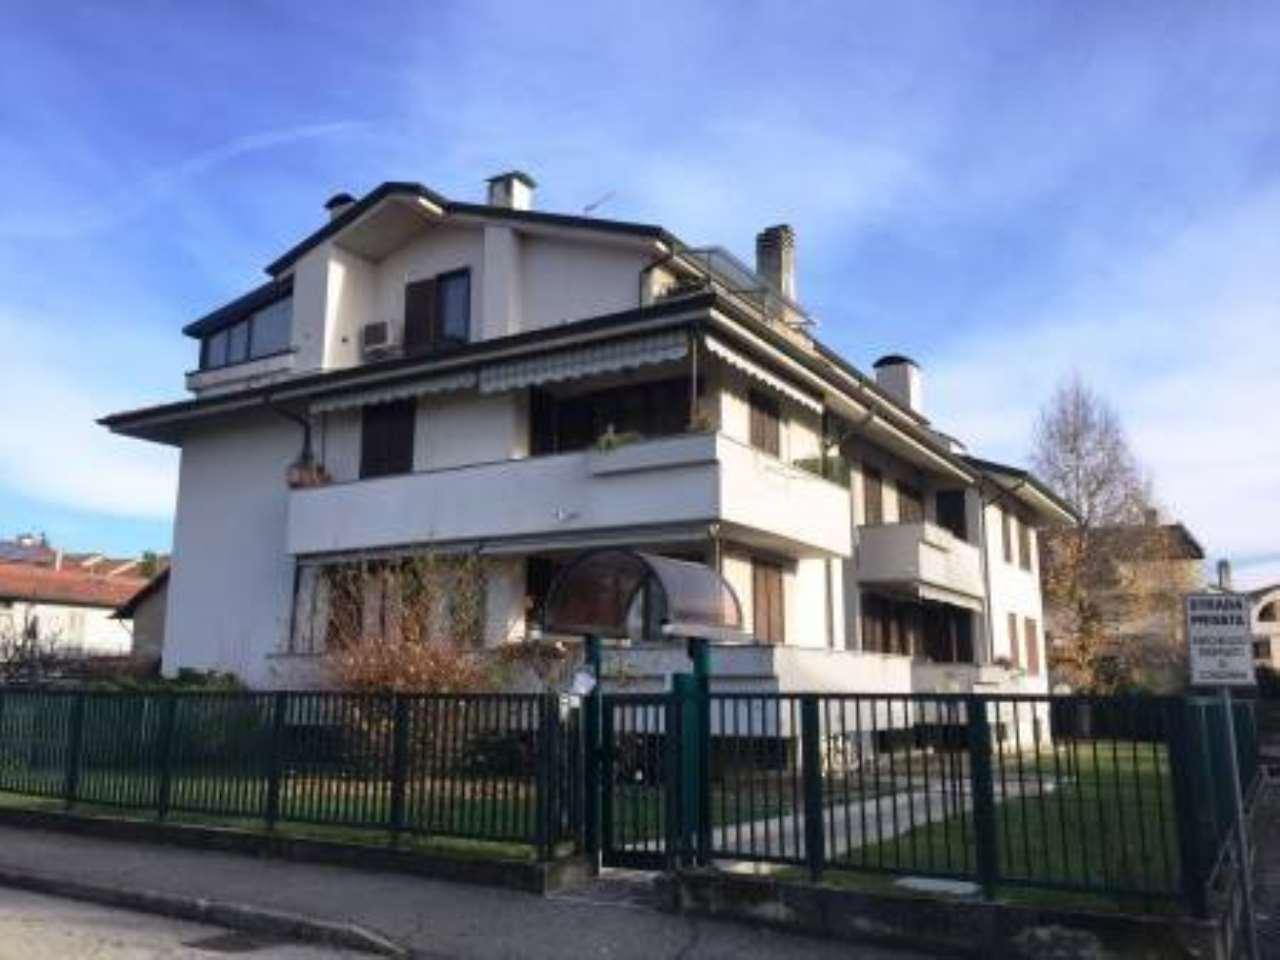 Appartamento in vendita a Vimercate, 3 locali, prezzo € 200.000   CambioCasa.it